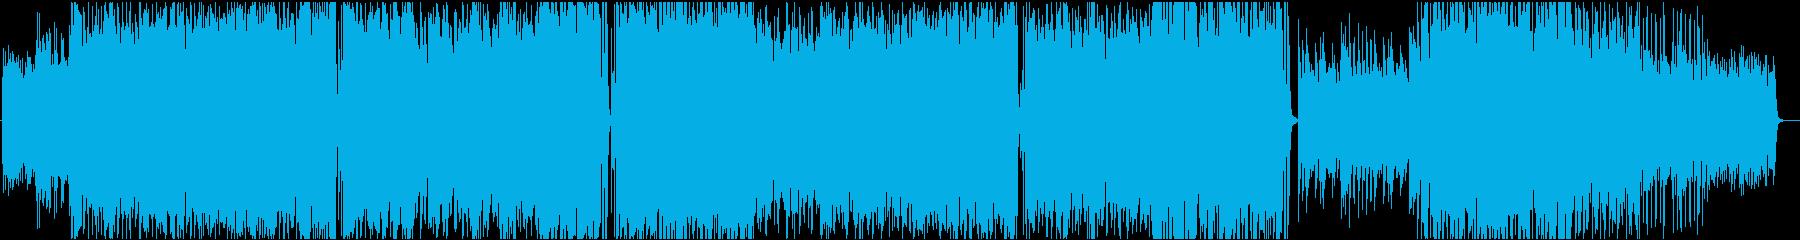 サックスとピアノの明るいジャズサンバの再生済みの波形